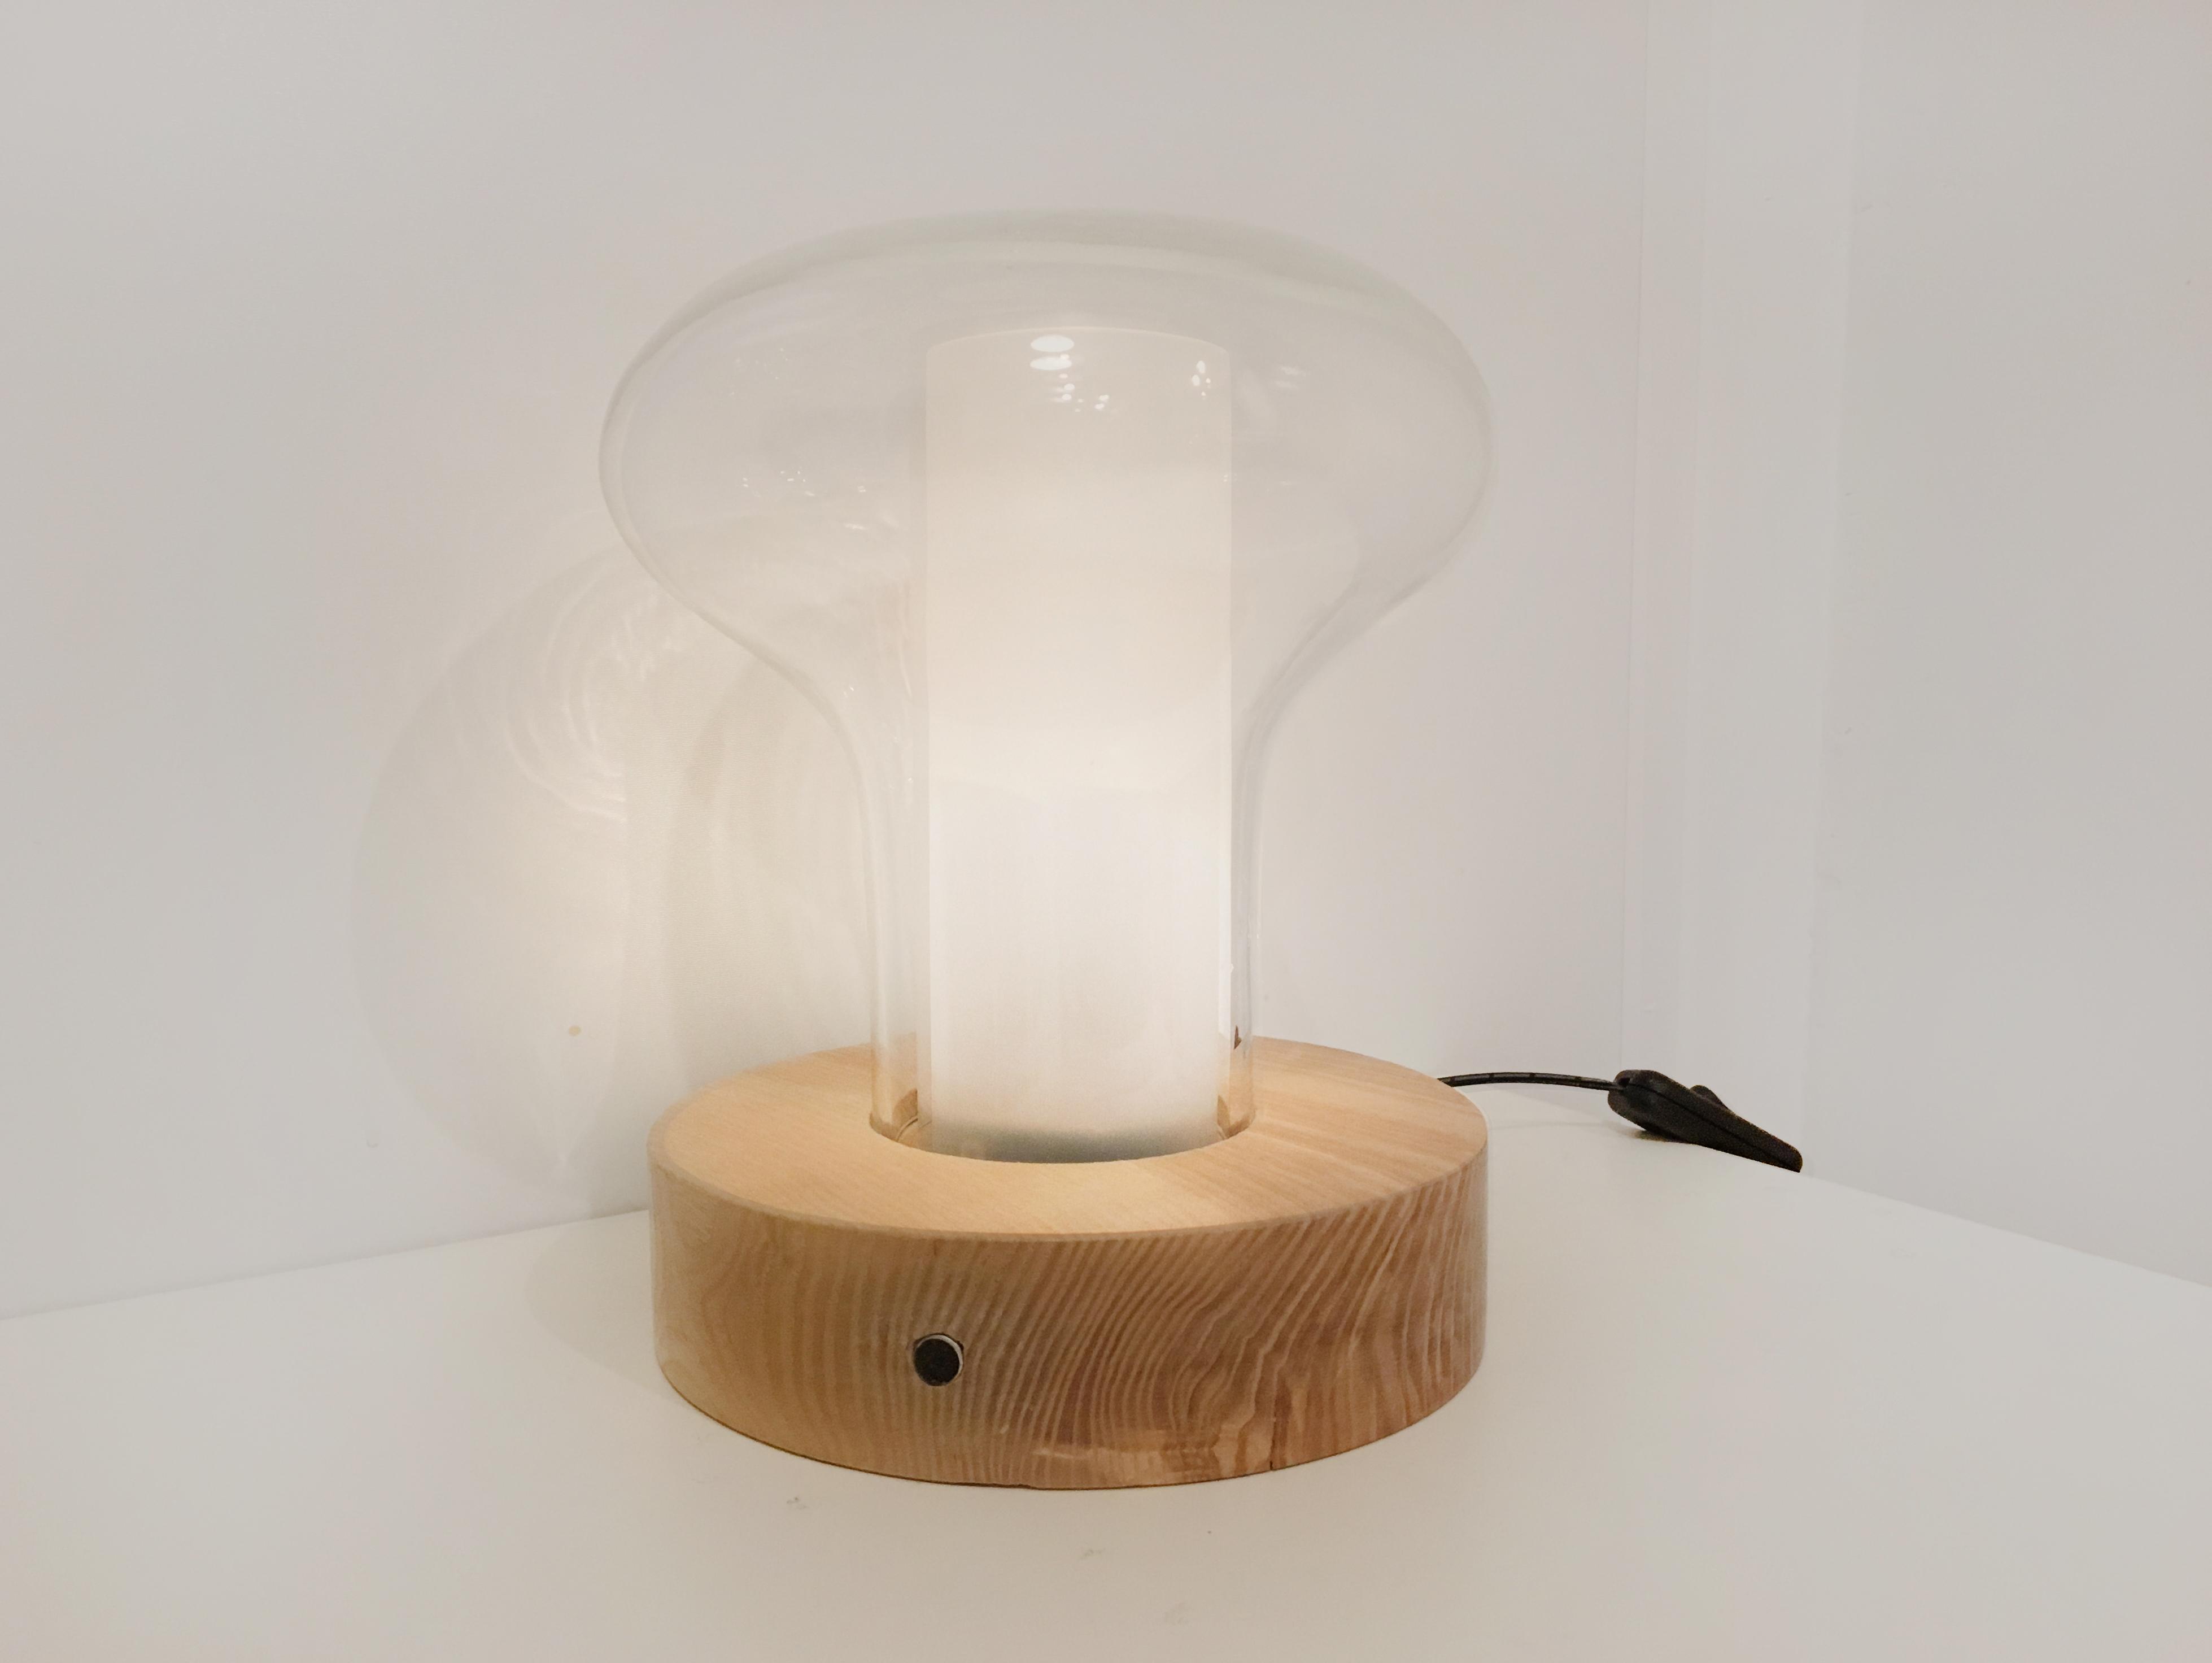 LAMPA DLA OSÓB Z ACHLUOFOBIĄ